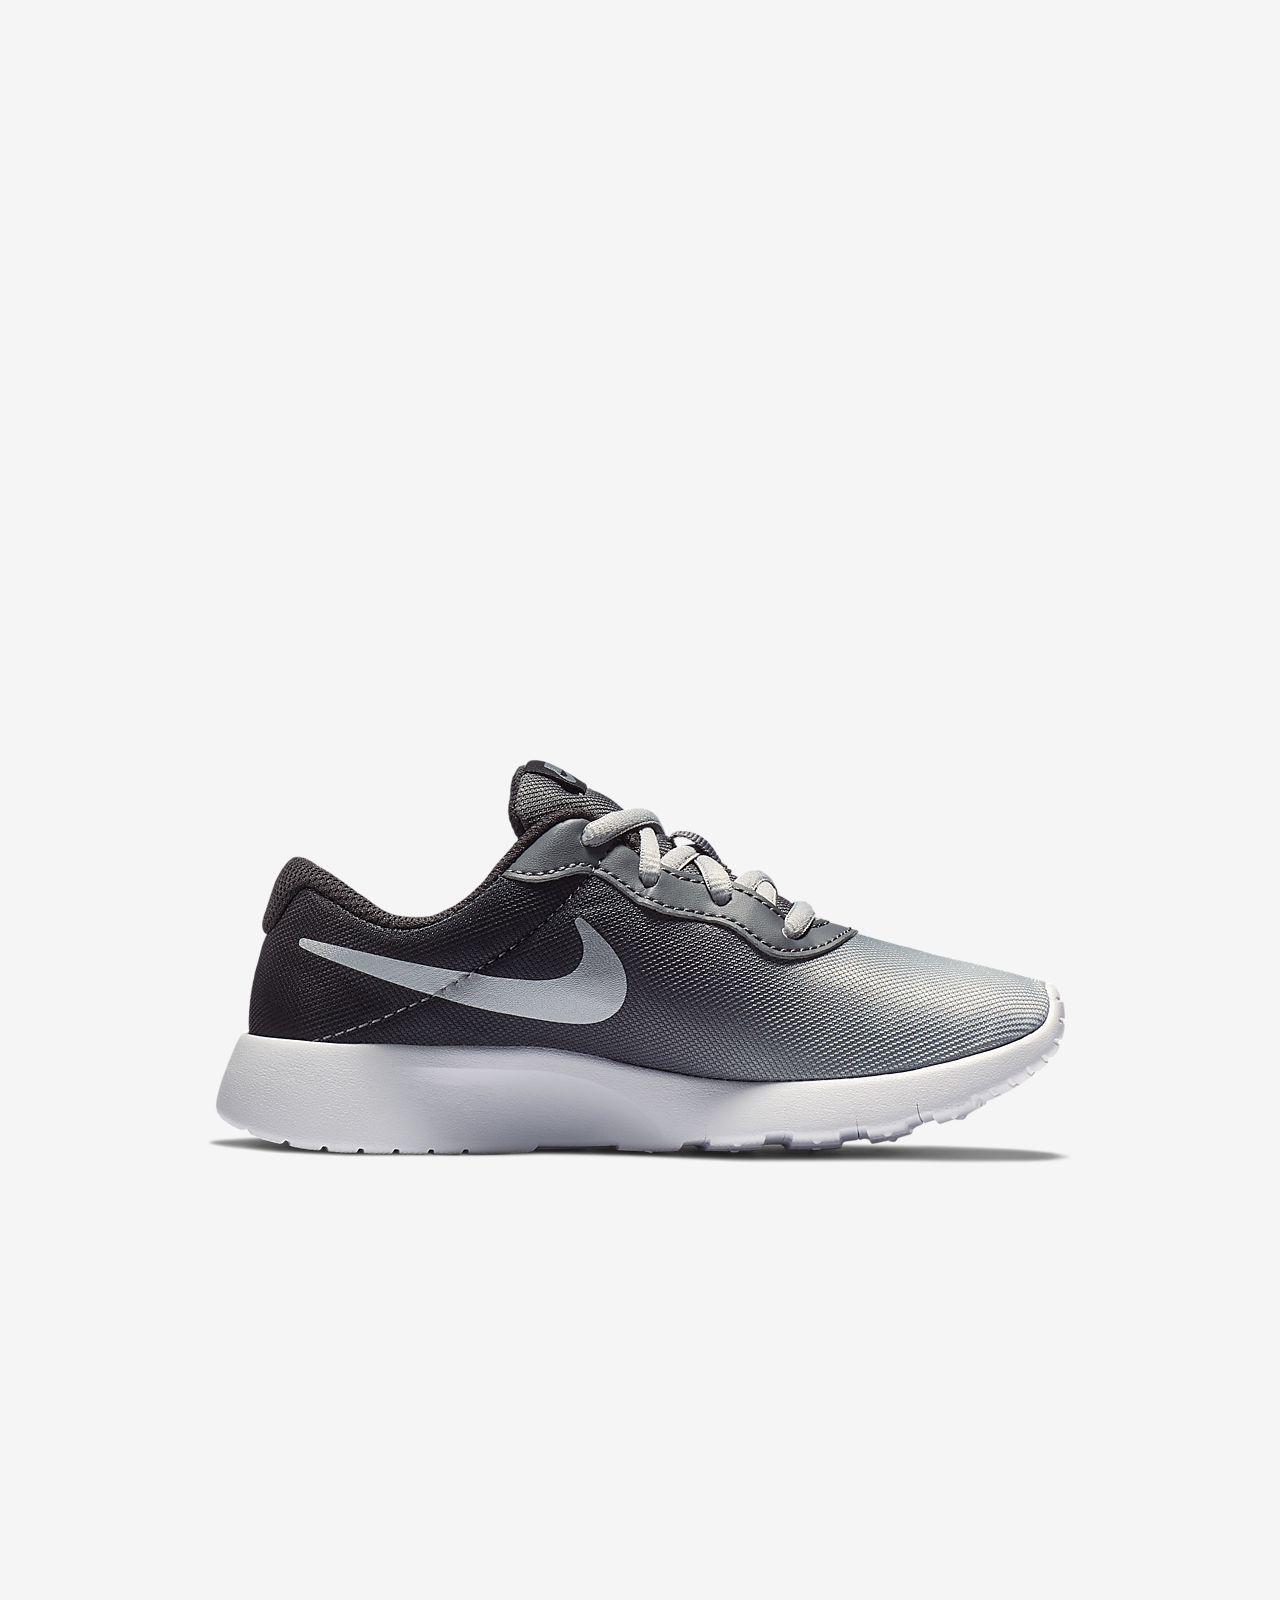 5d955c129bc0 Nike Tanjun Print Little Kids  Shoe. Nike.com